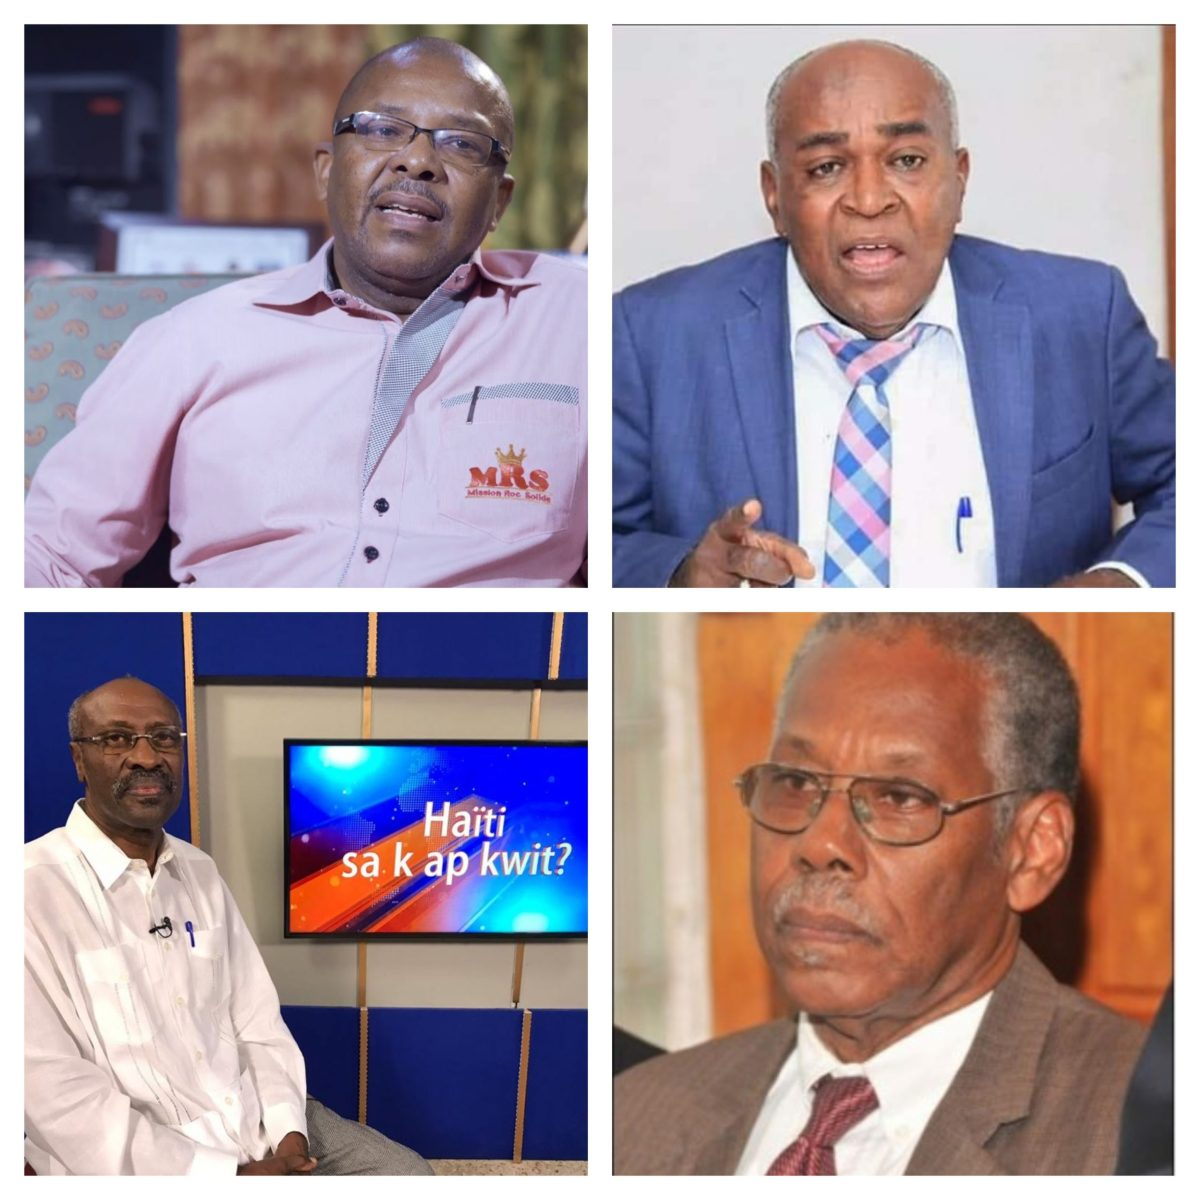 moise haiti suspects